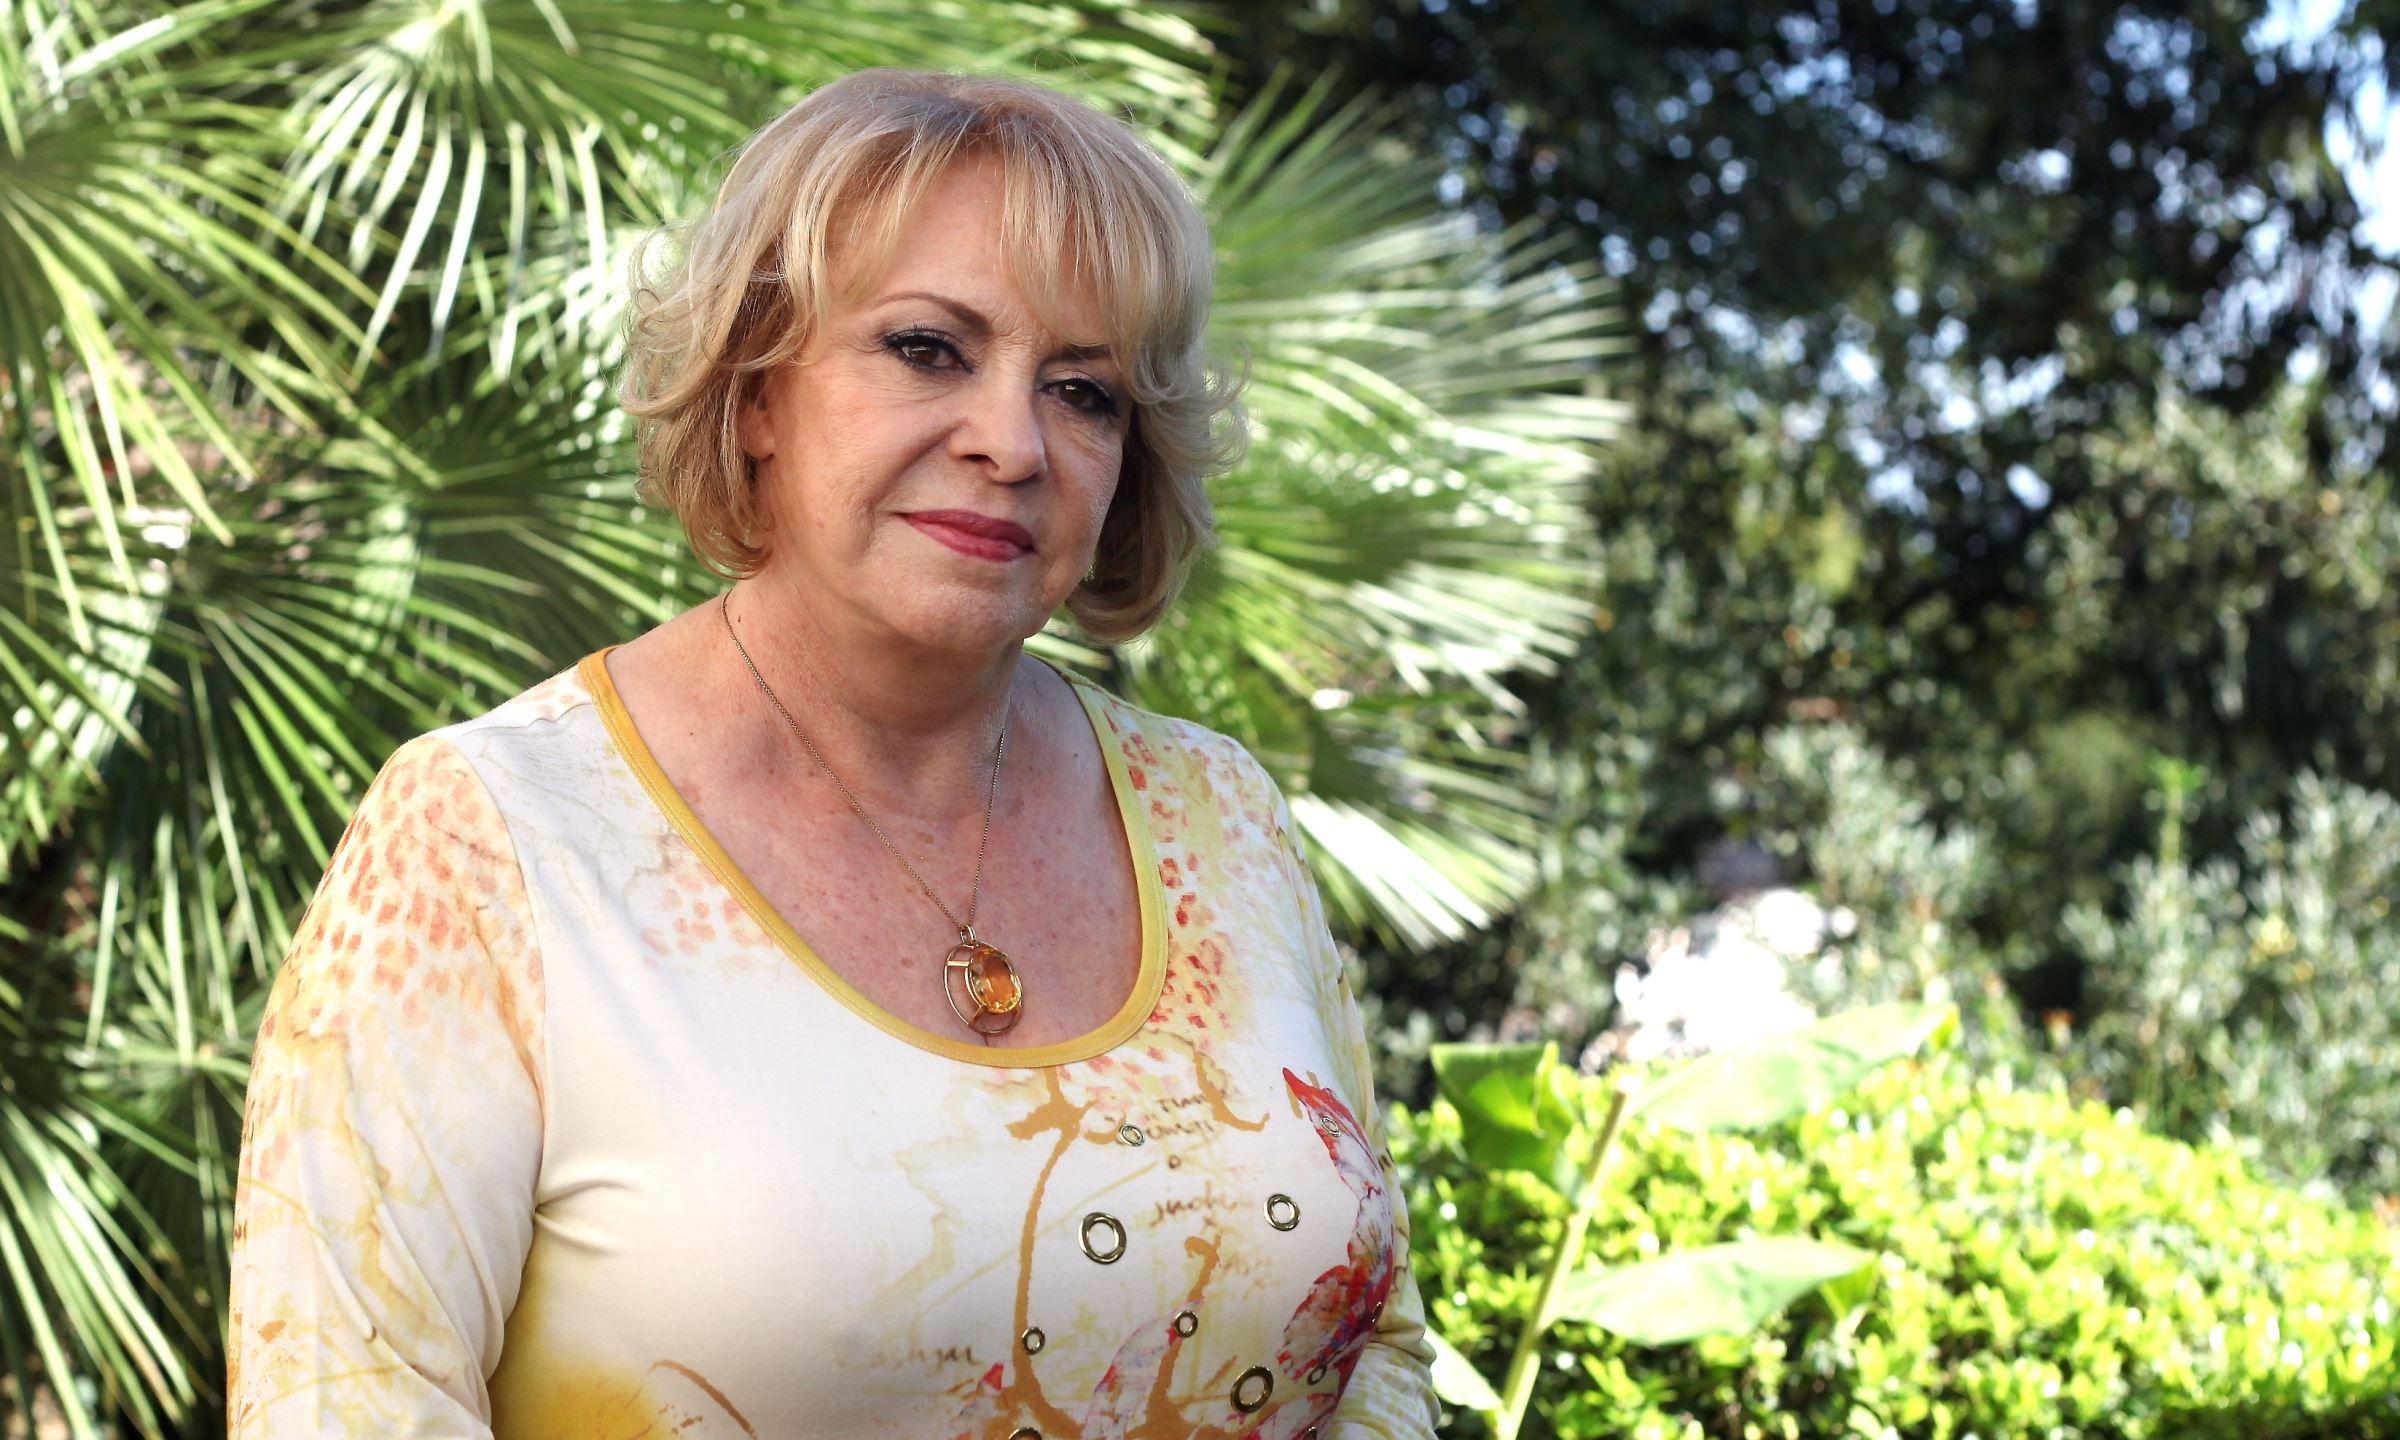 Angelika. Skończyła 80 lat i już nie wygląda jak dawniej